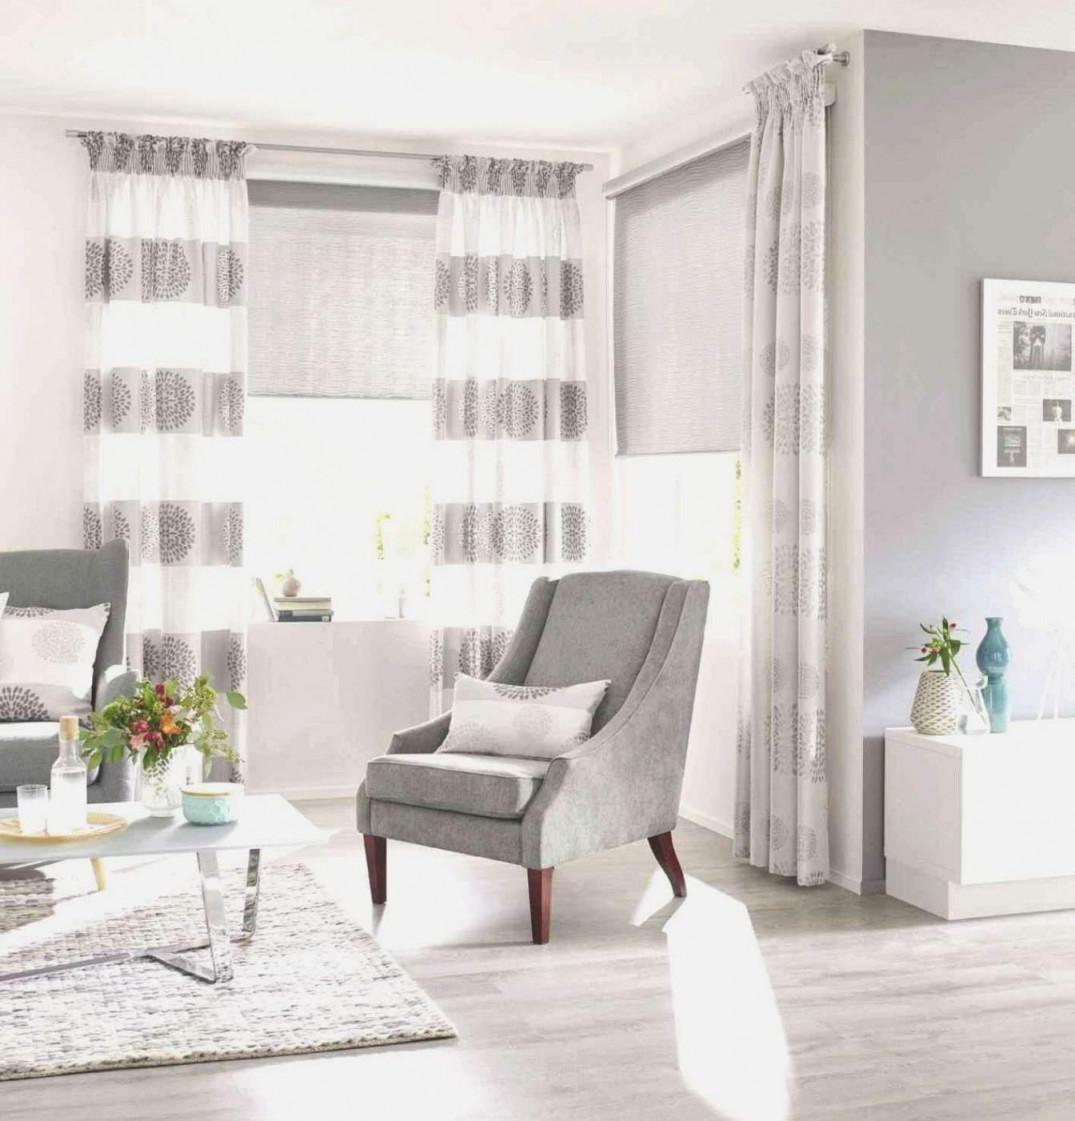 37 Luxus Moderne Gardinen Wohnzimmer Inspirierend von Moderne Gardinen Wohnzimmer Photo